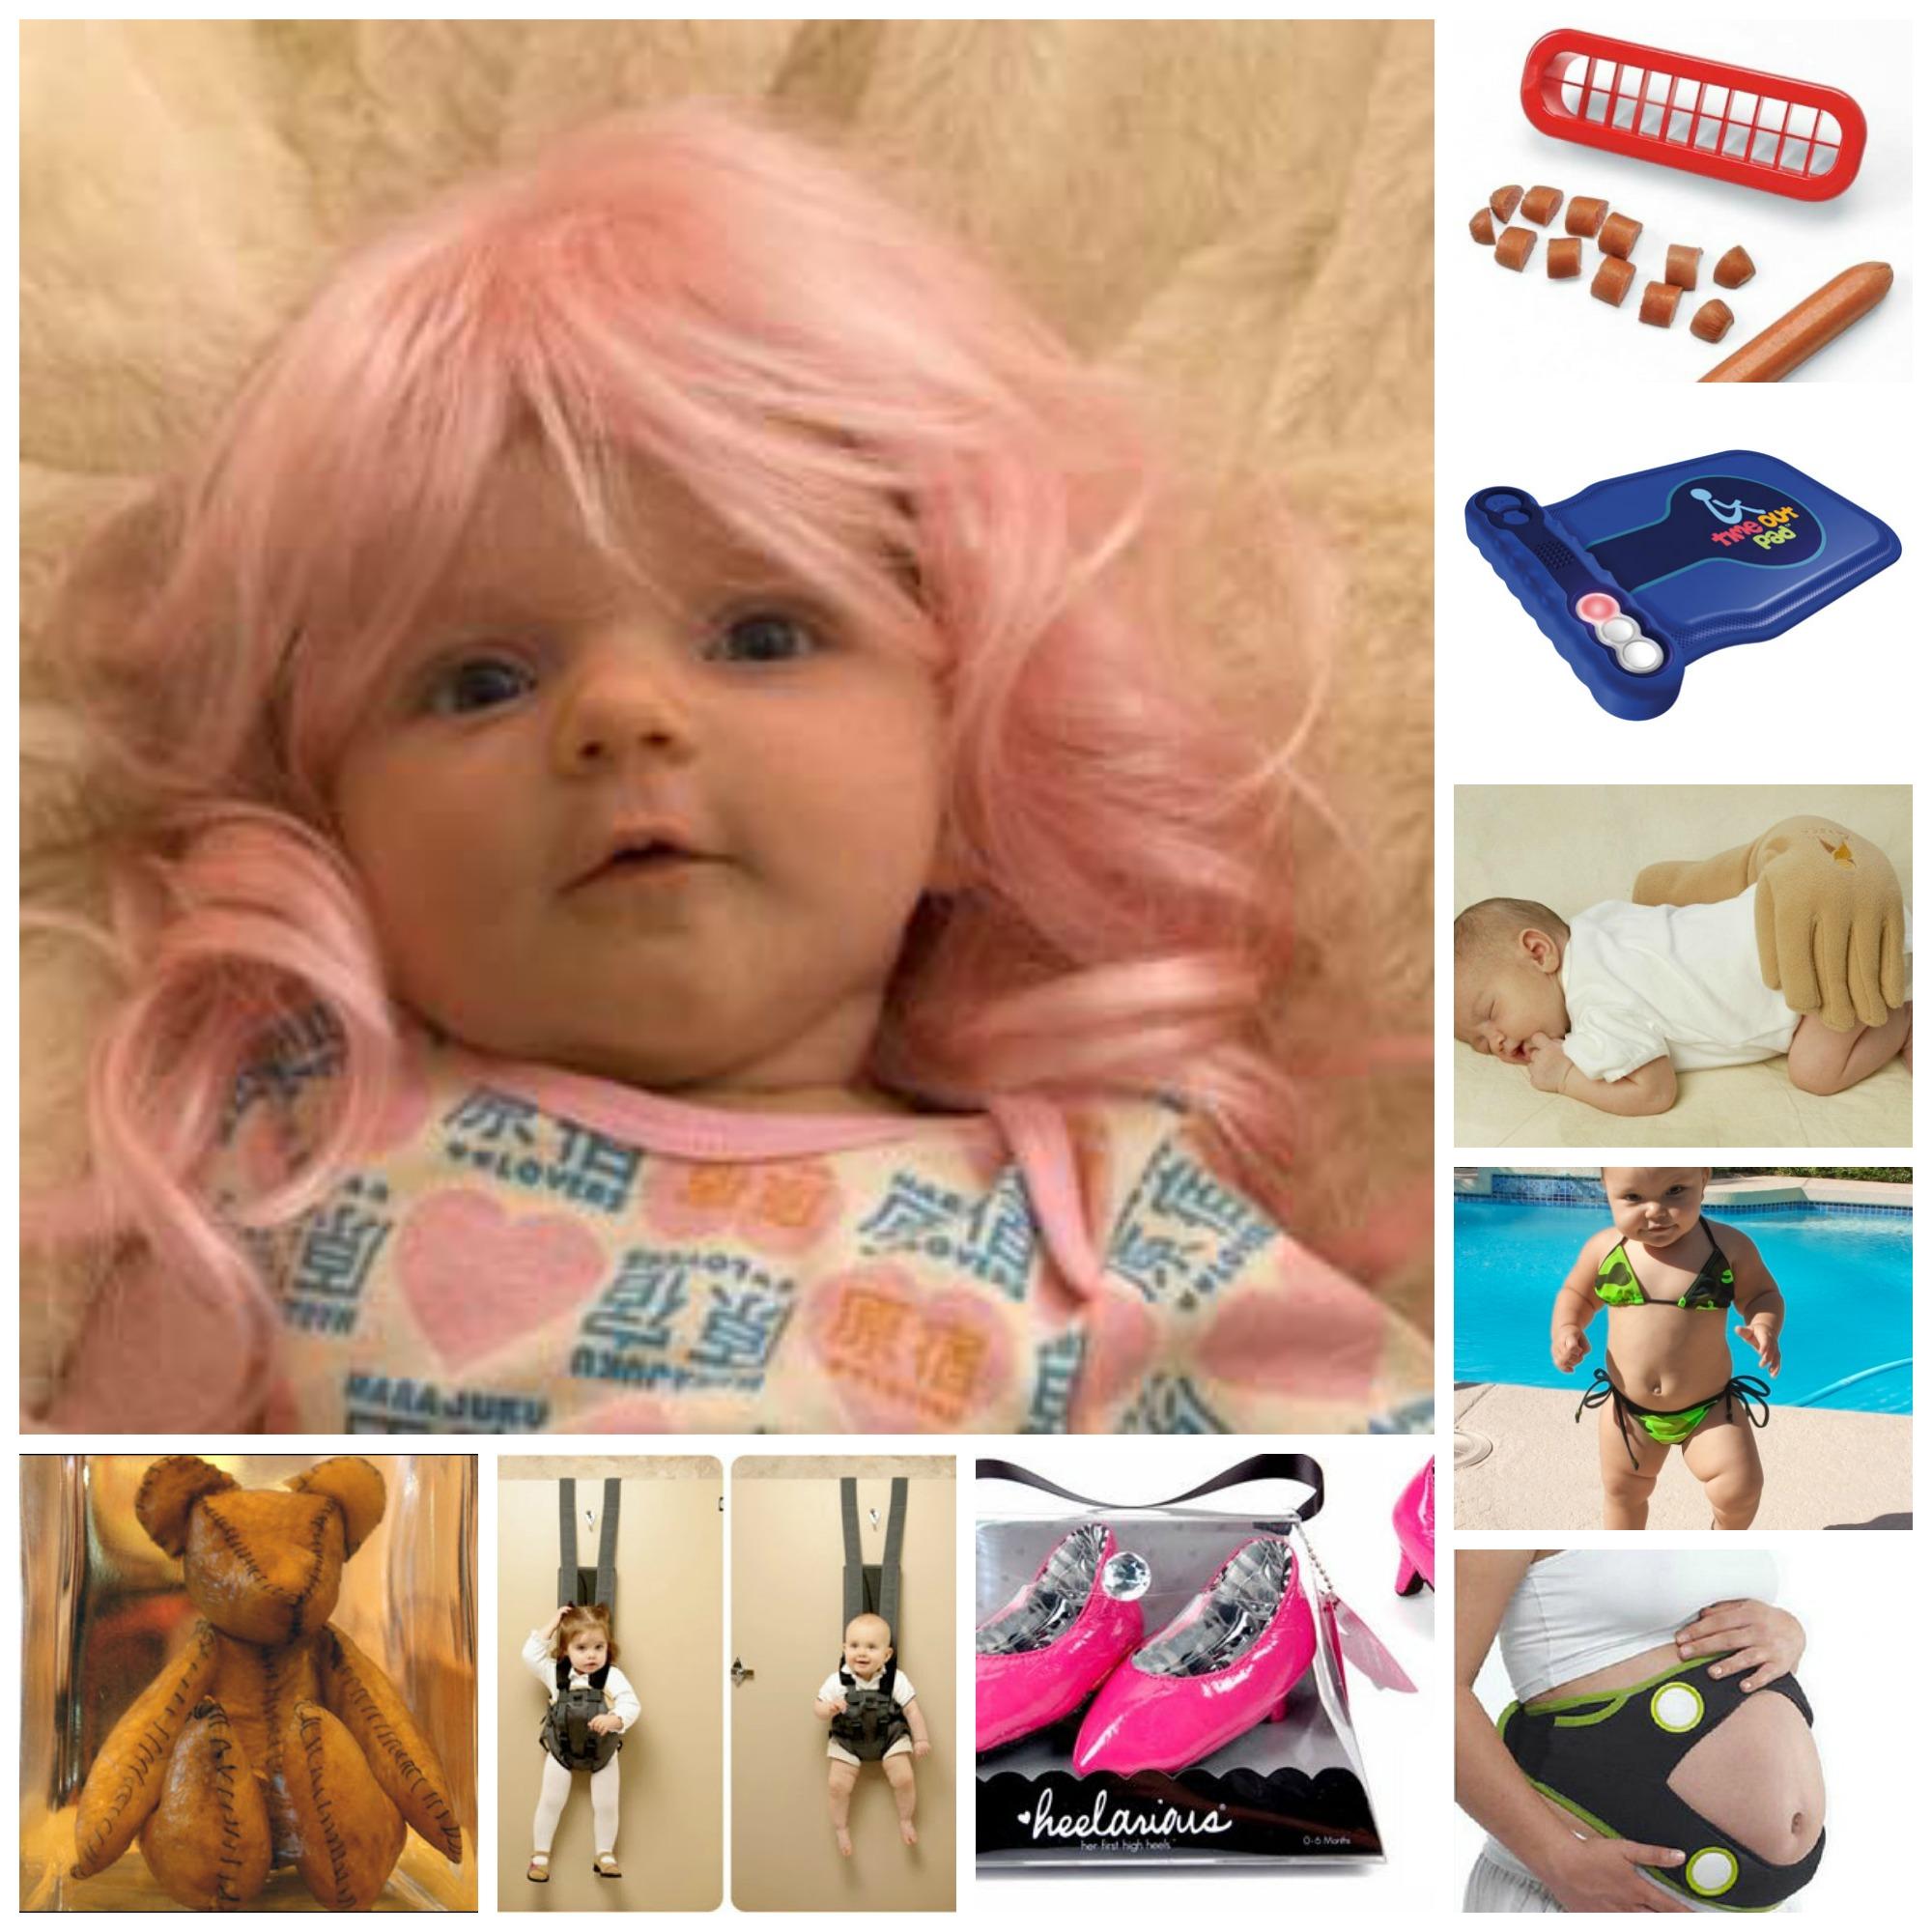 Quando Inizia A Gattonare Neonato 18 regali strani e imbarazzanti per neonati e bimbi